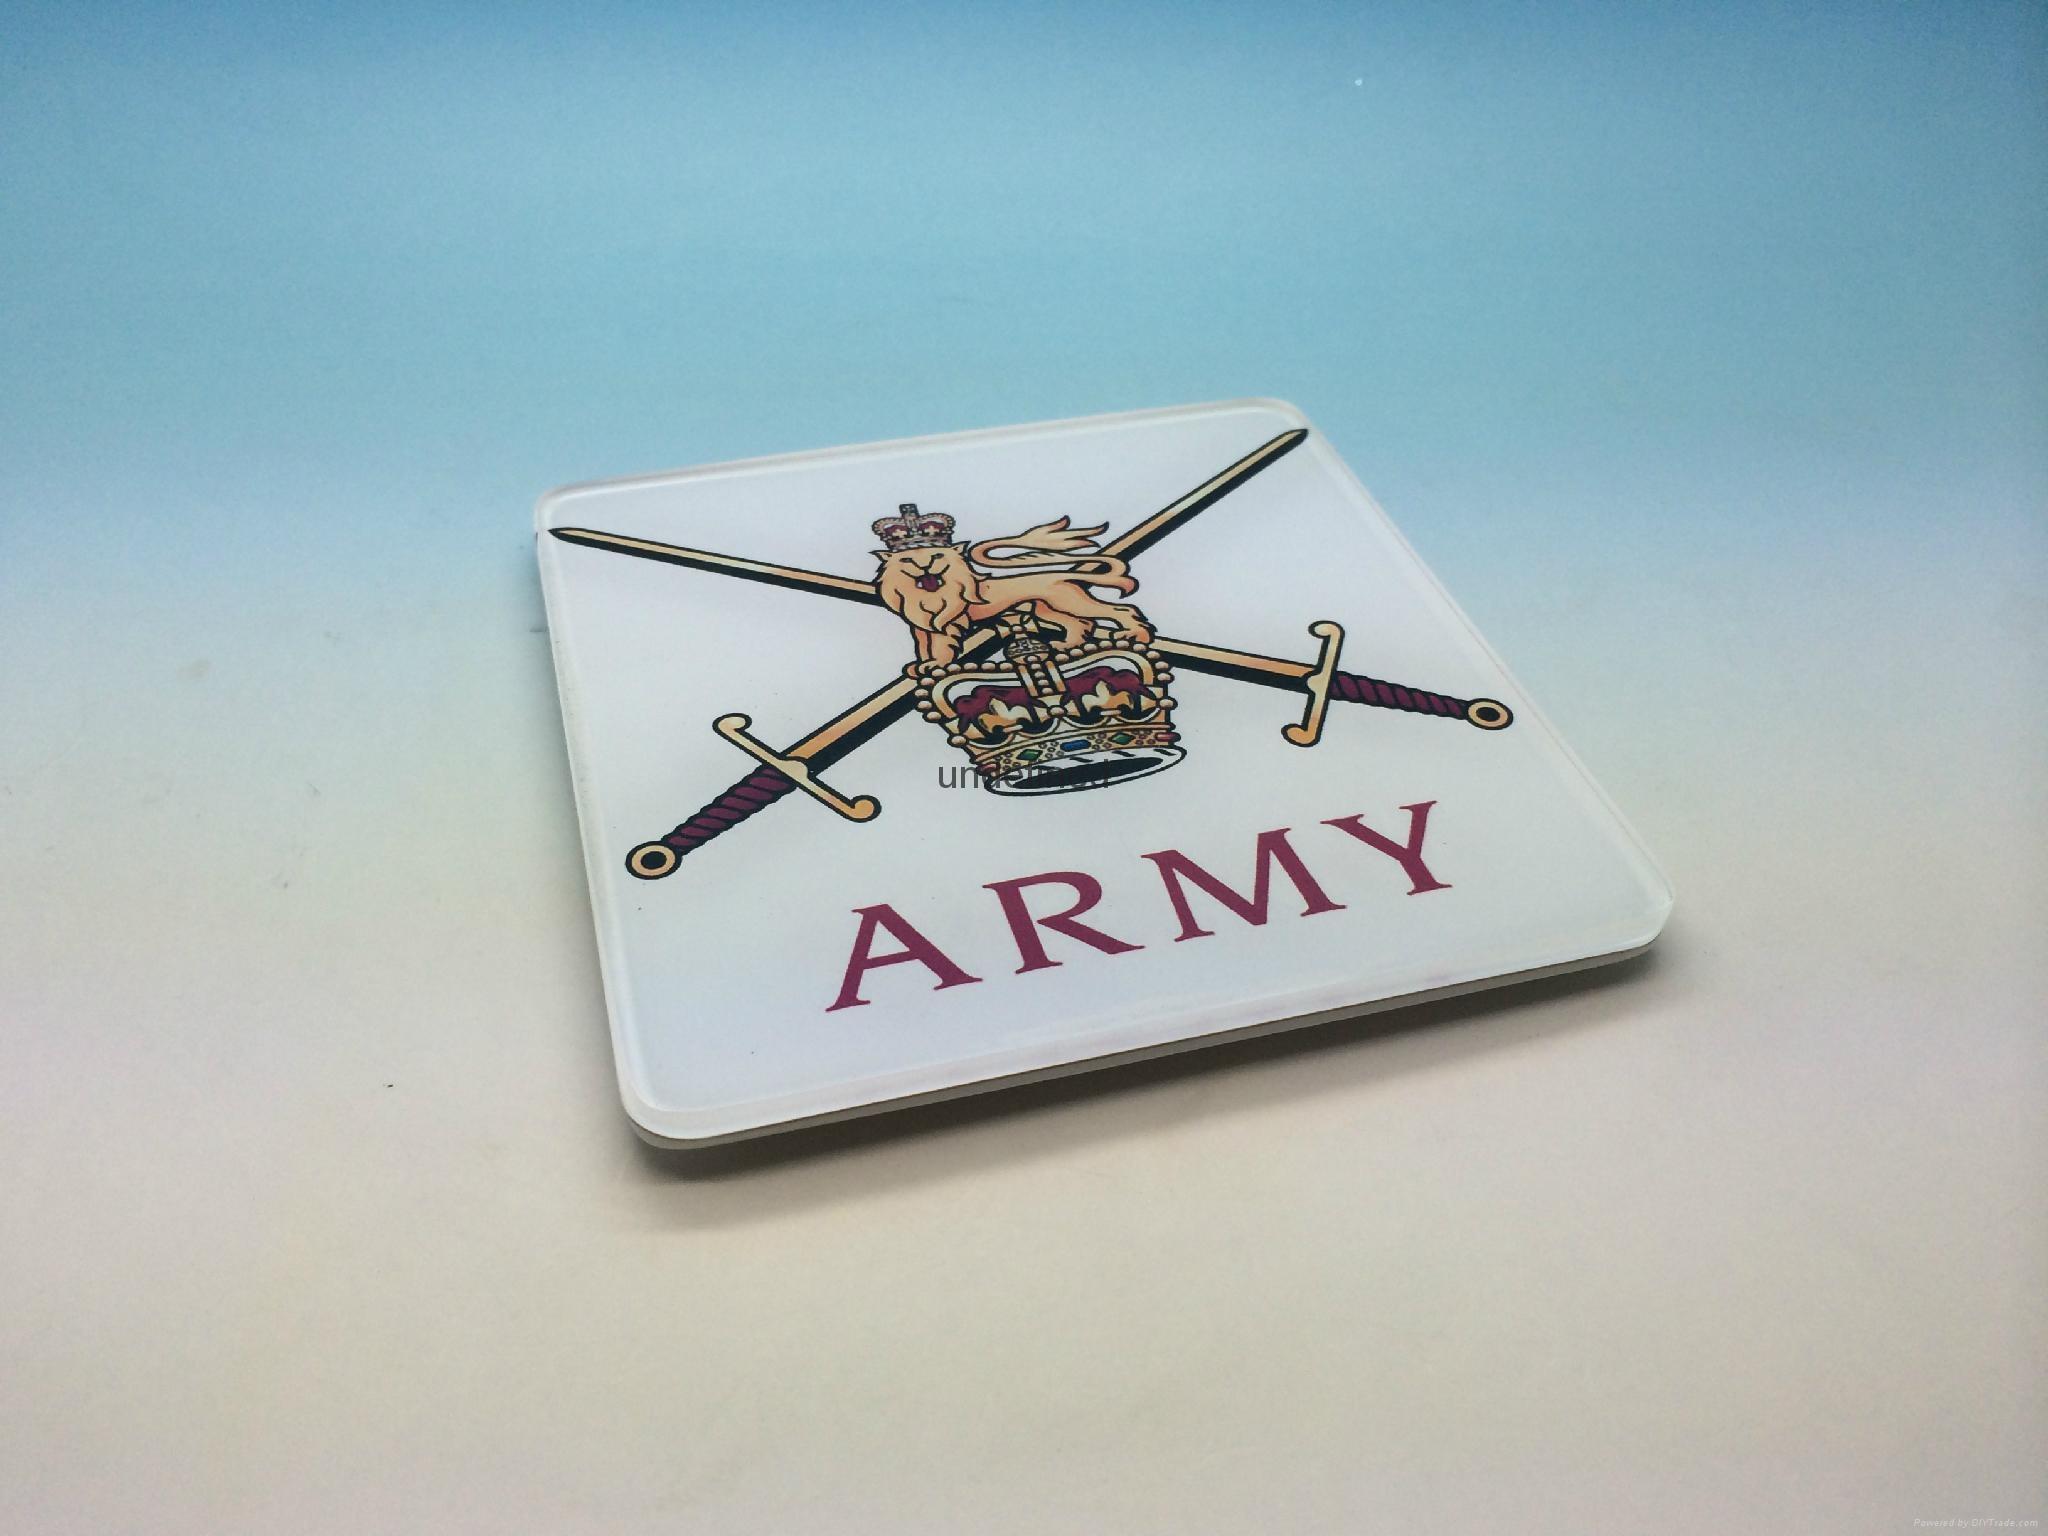 英国  杯垫-是英国  部队现任的完美礼物。军事杯垫,军队,退伍军人礼物,广告促销礼品,公司广告赠品-压克力杯垫